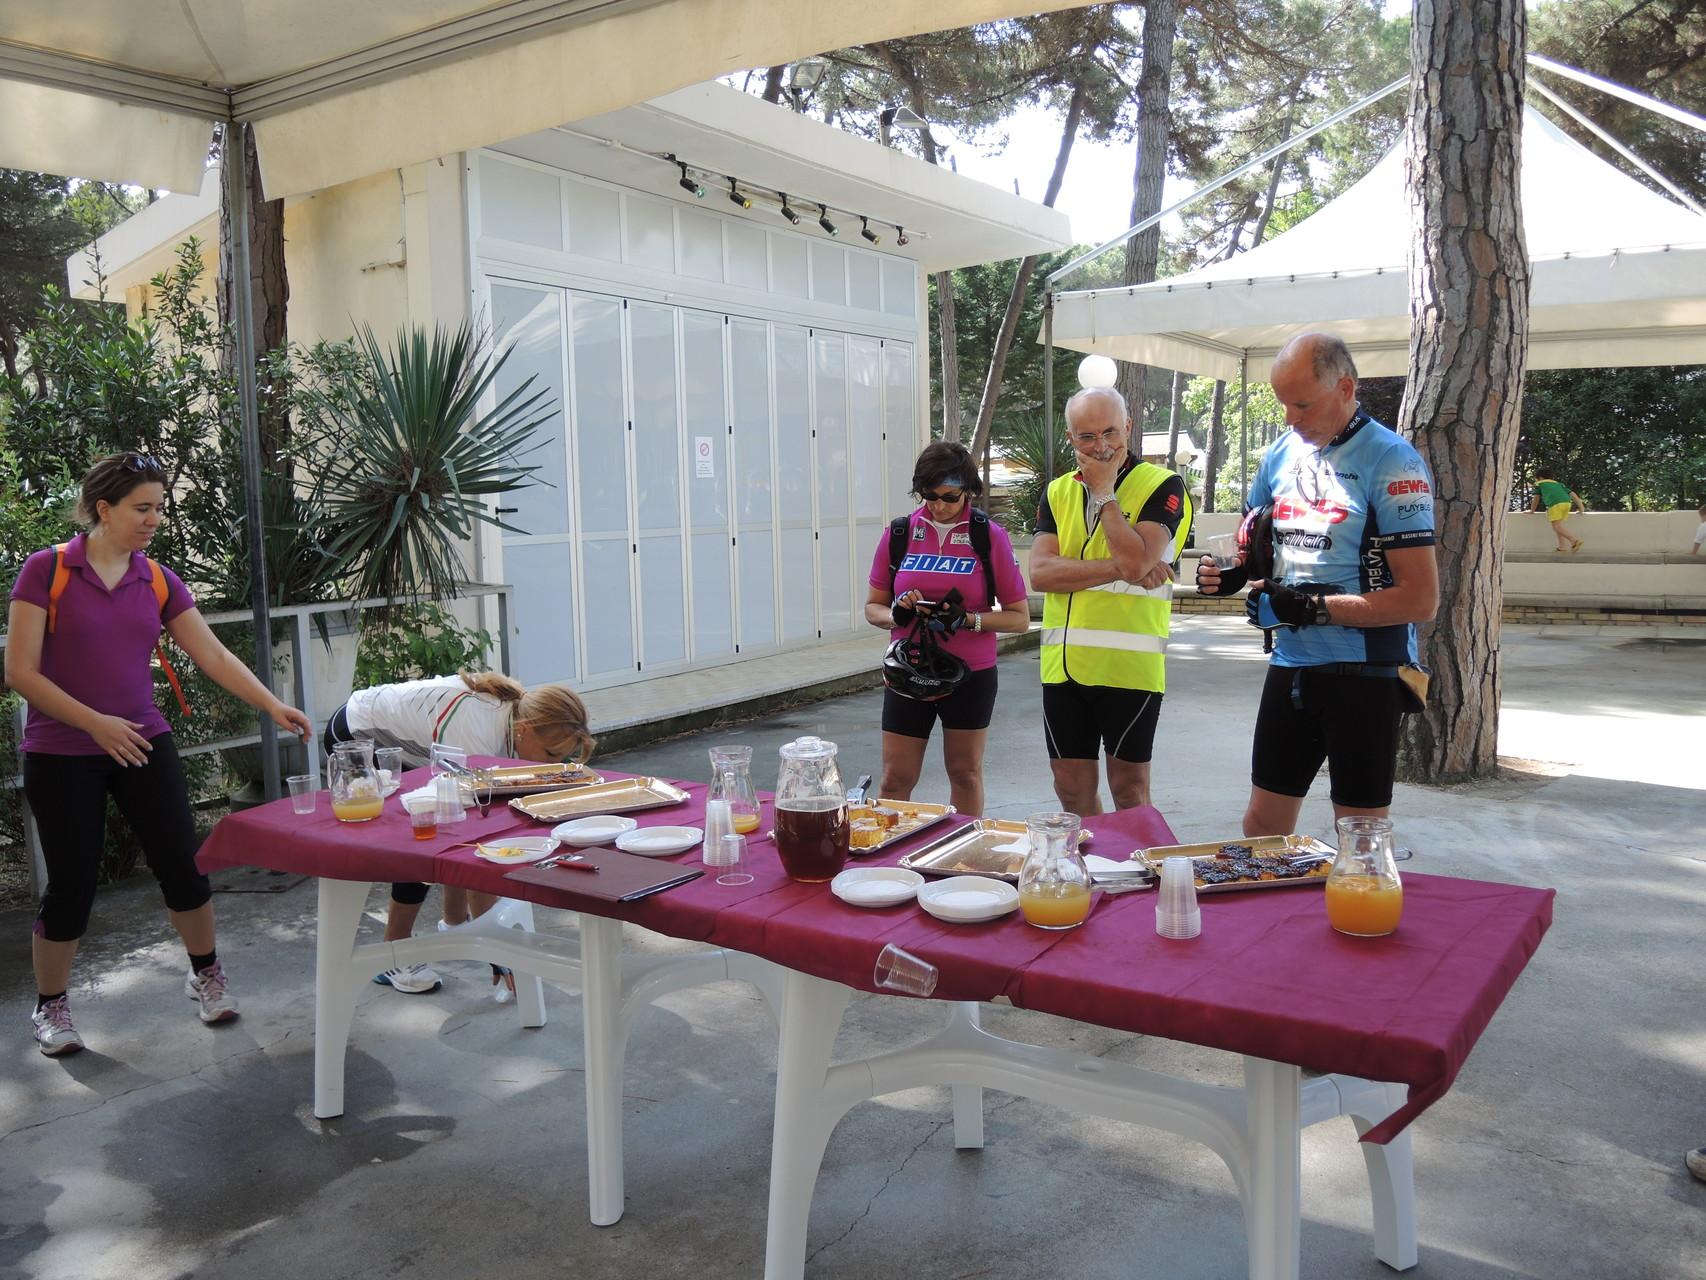 accoglienza presso Camping Villaggio del Sole a Marina Romea